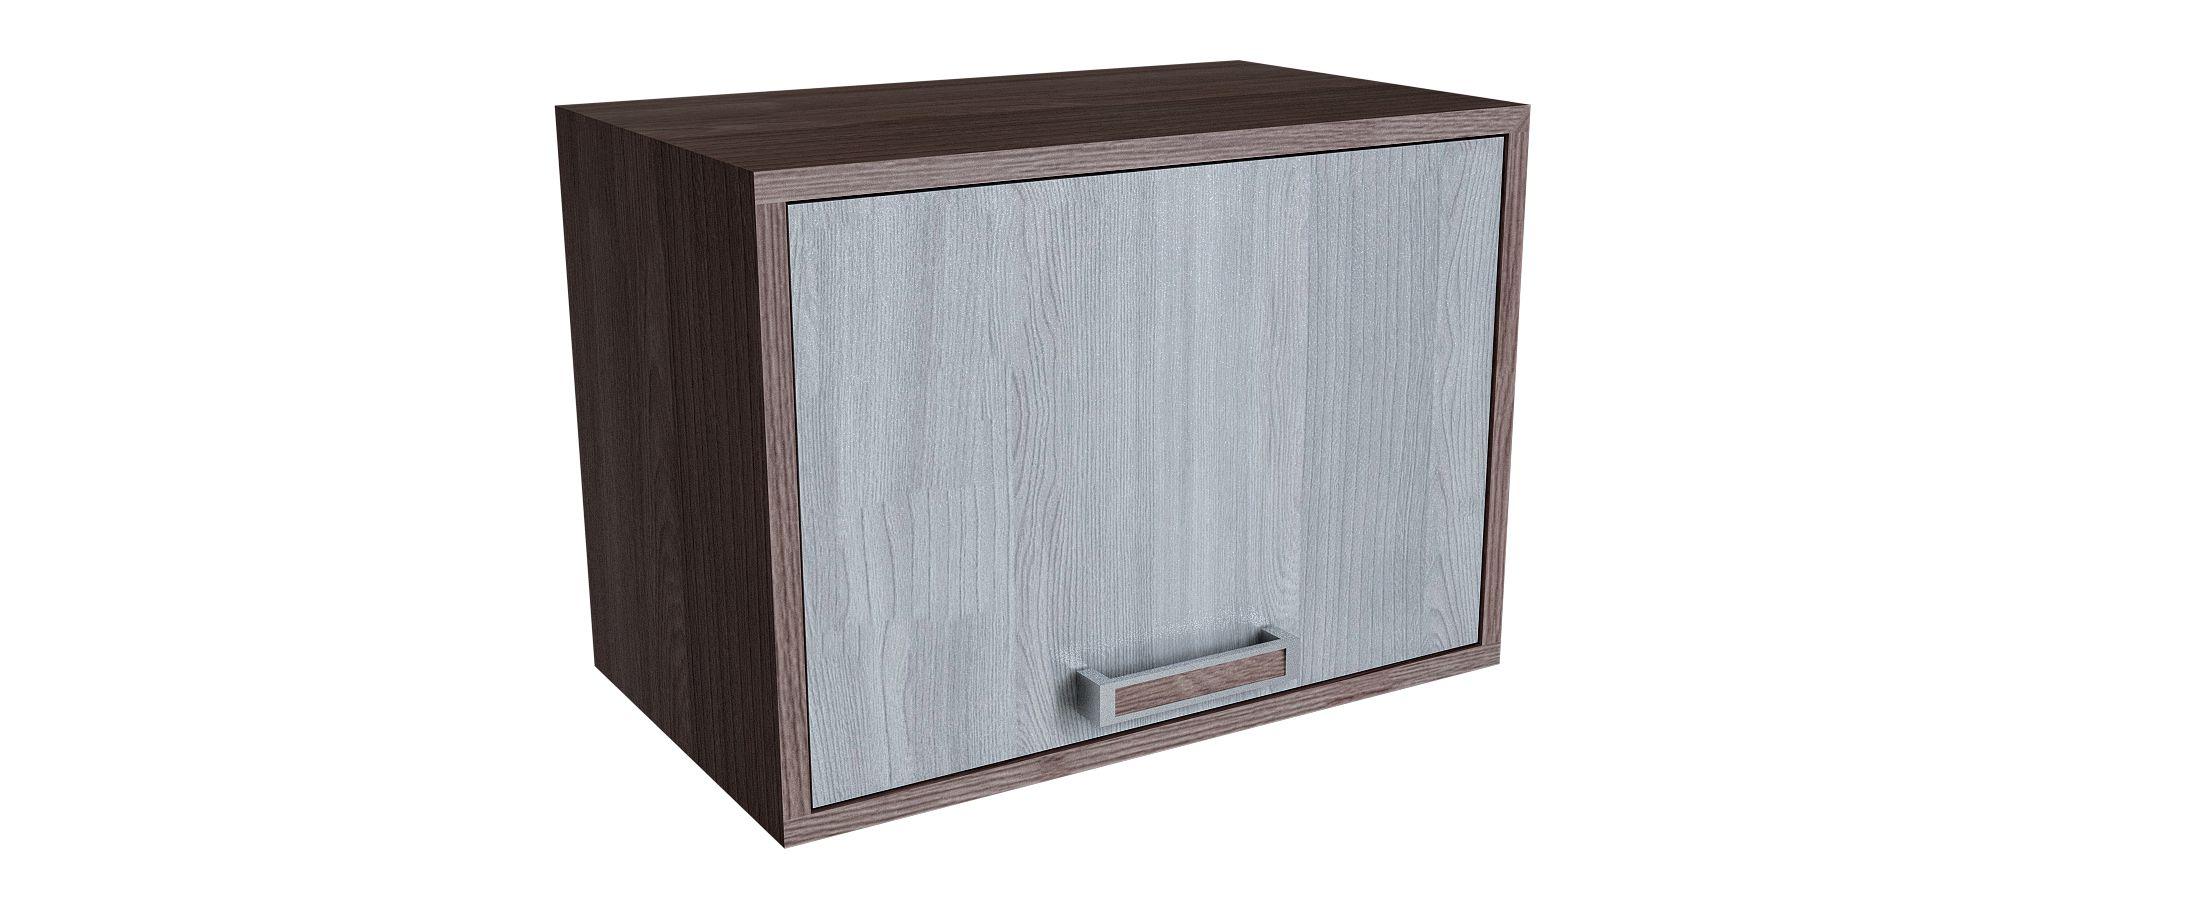 Шкаф навесной Шимо темный Модель 711Шкаф навесной шириной 60 см Шимо темный Модель 711. Артикул Д000342. Быстрая доставка, вынос упаковки, гарантия! Выгодная покупка!<br>